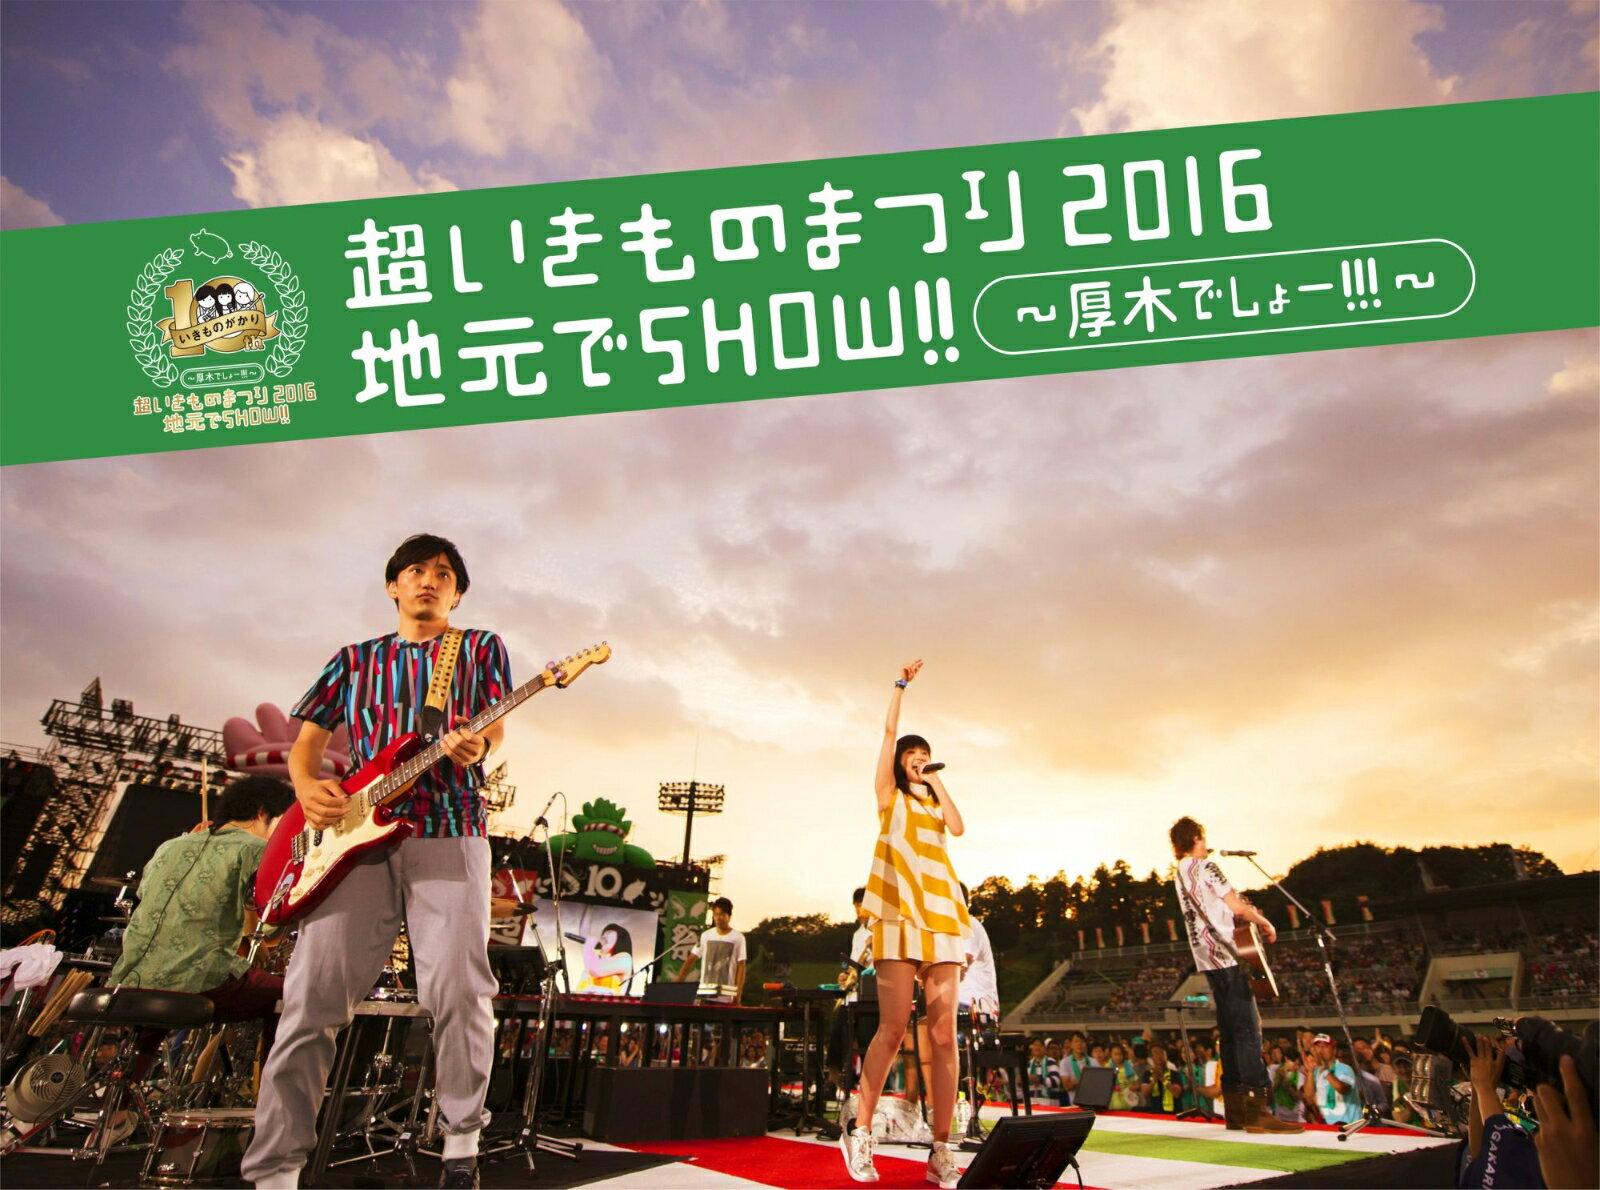 超いきものまつり2016 地元でSHOW!! 〜厚木でしょー!!!〜